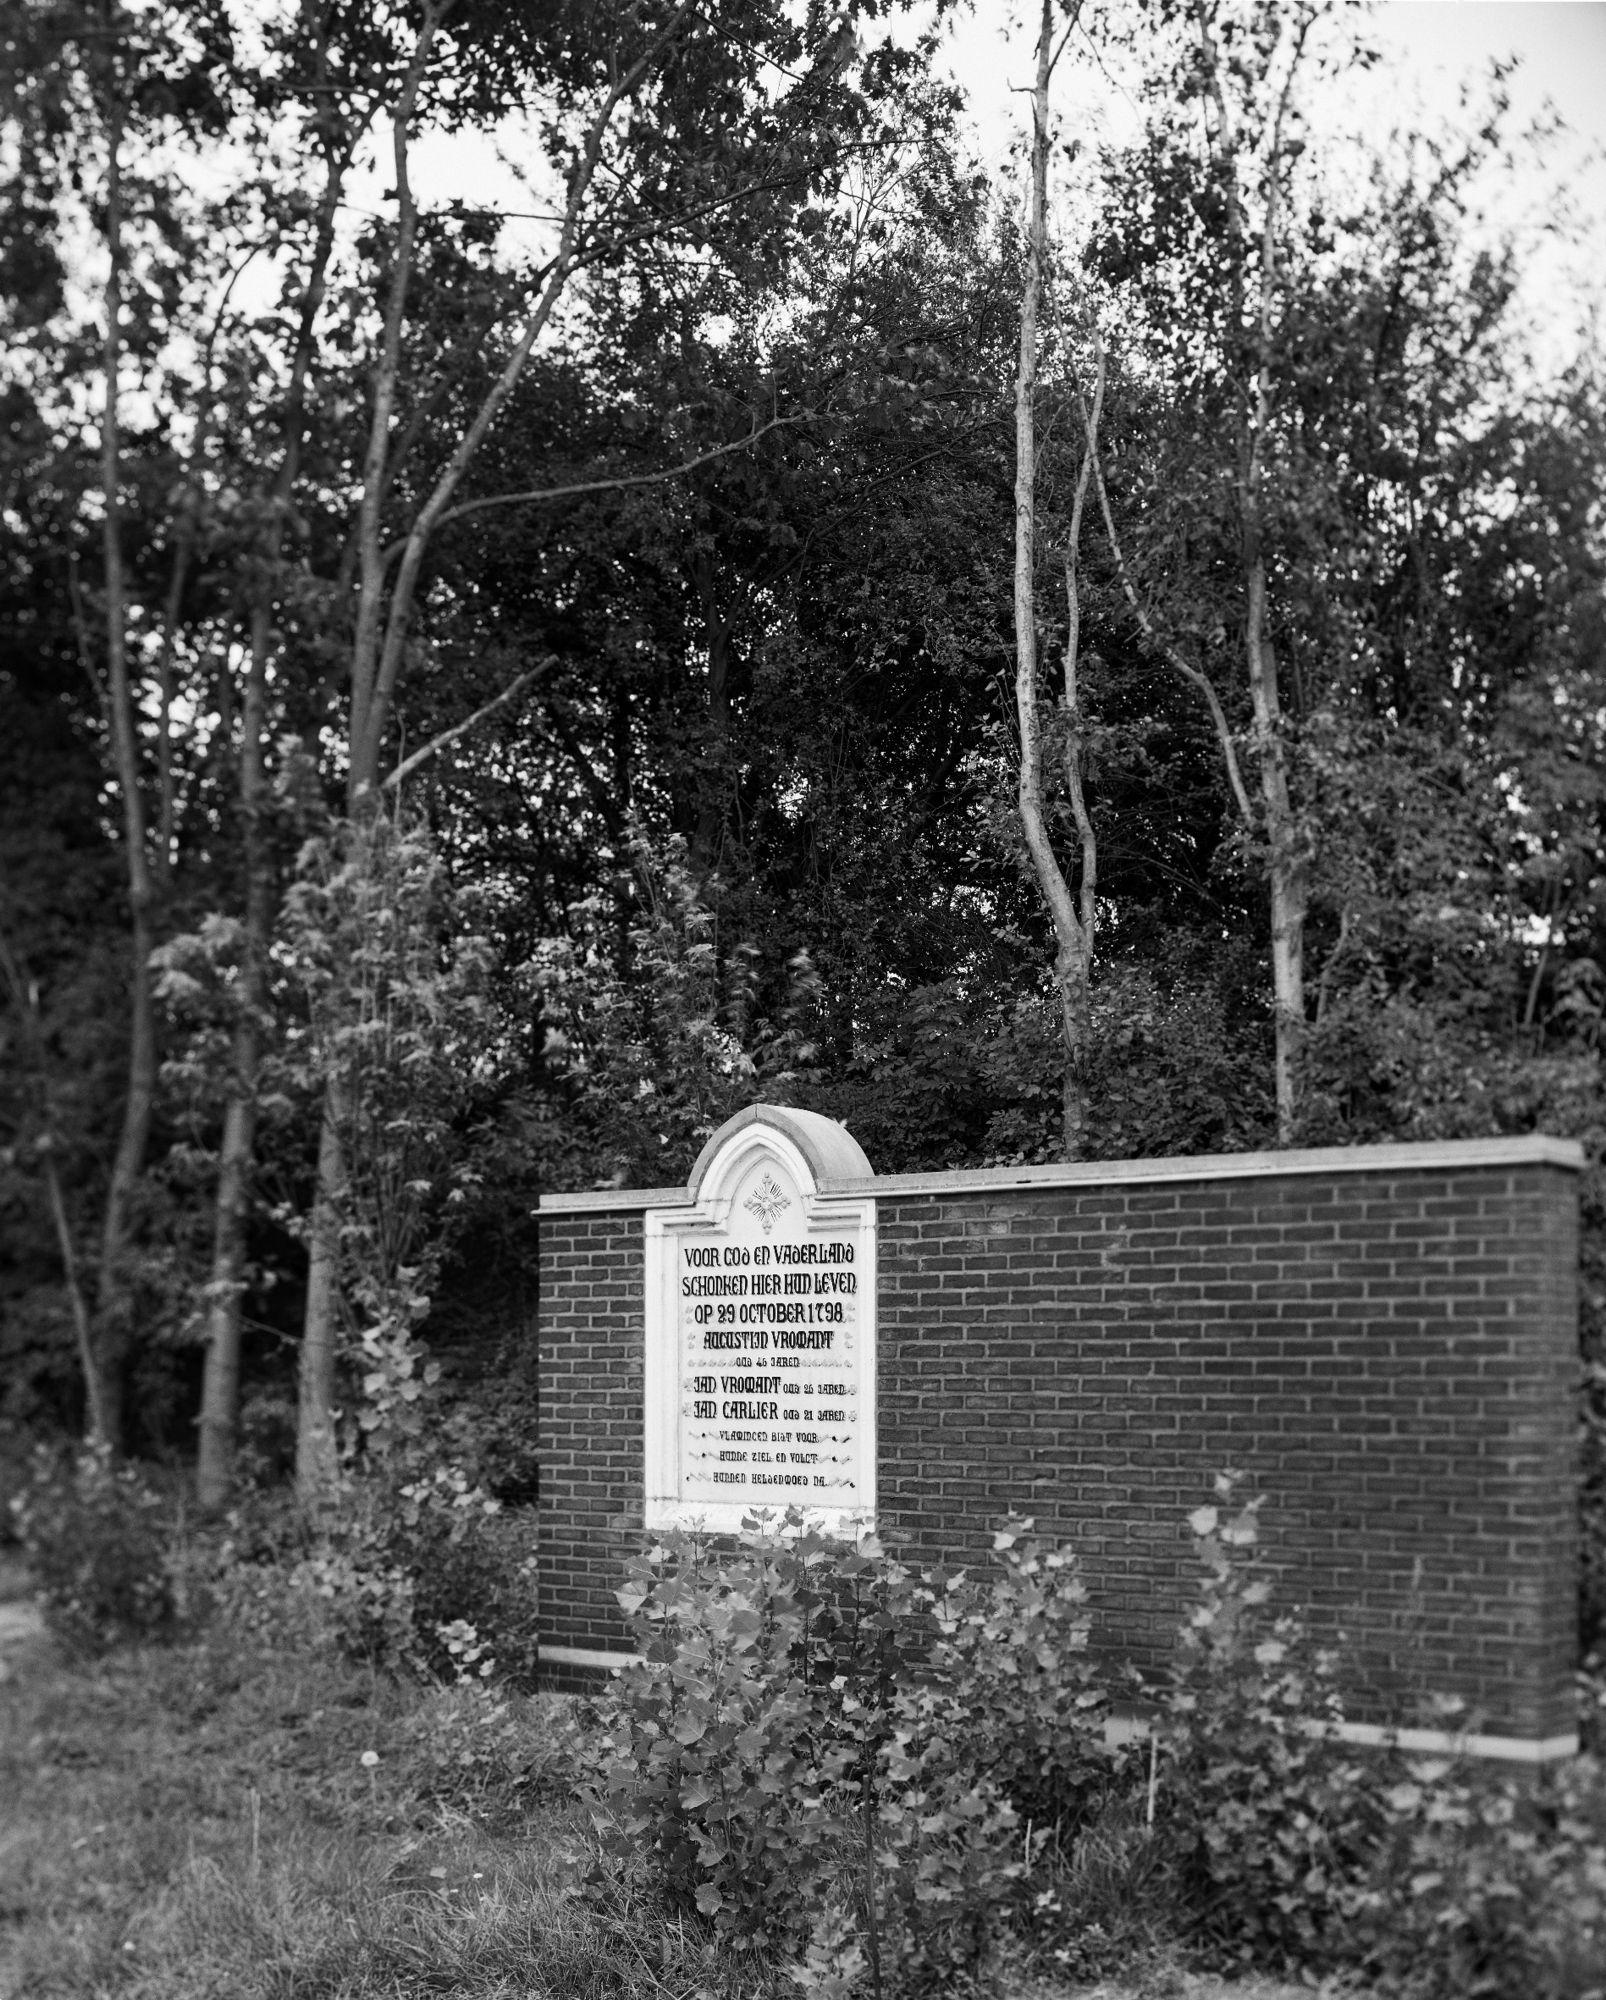 Gedenkplaat in de Markebekestraat te Kortrijk van slachtoffers tijdens de Boerenkrijg in 1798